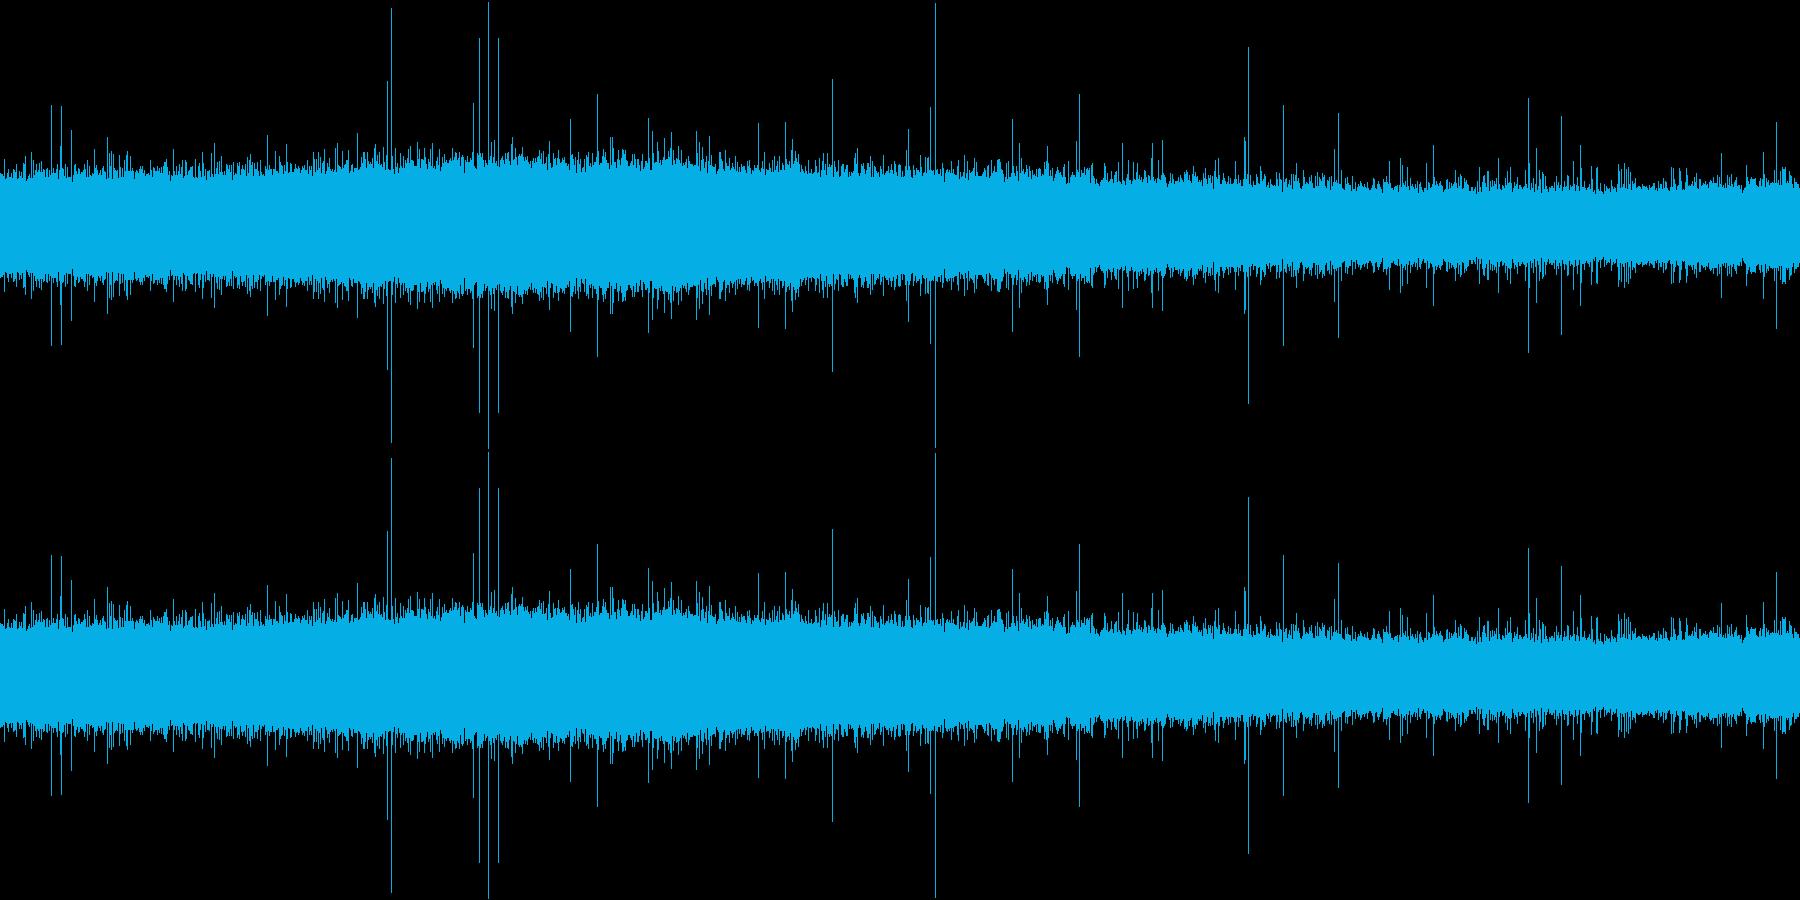 雨音(激しめ&雨垂れ)の再生済みの波形